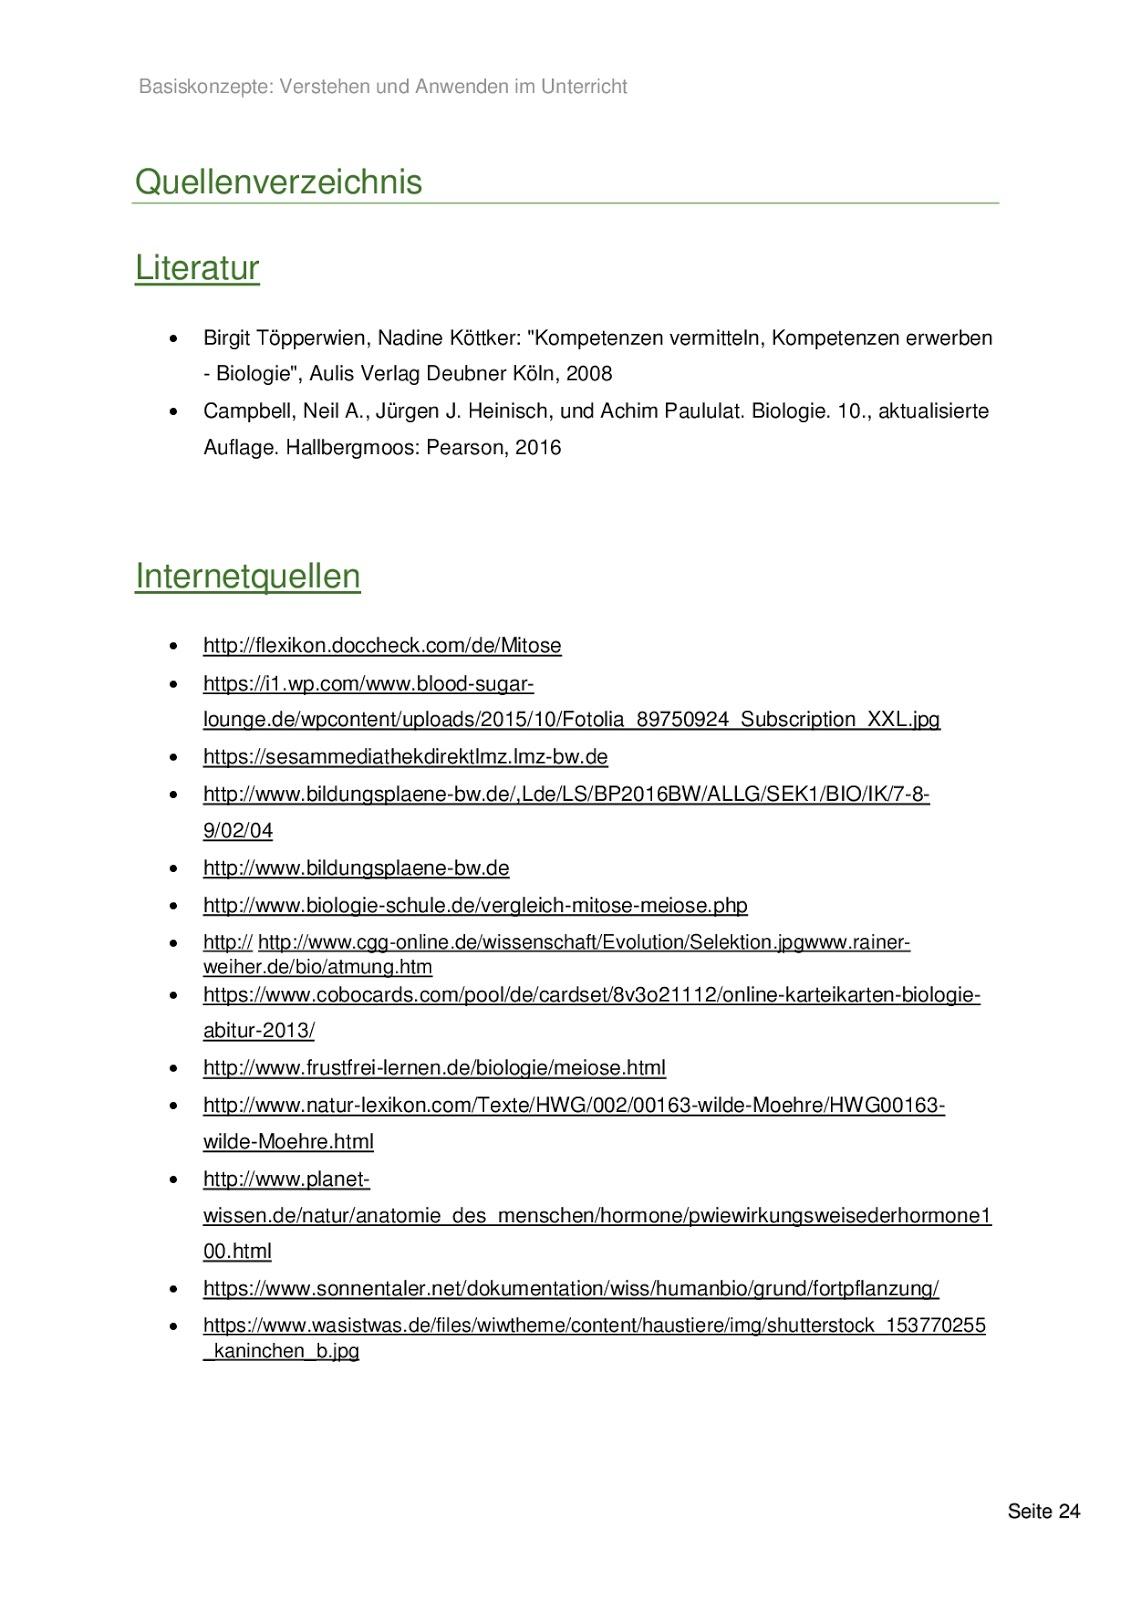 Einführung in die Fachdidaktik: Basiskonzepte